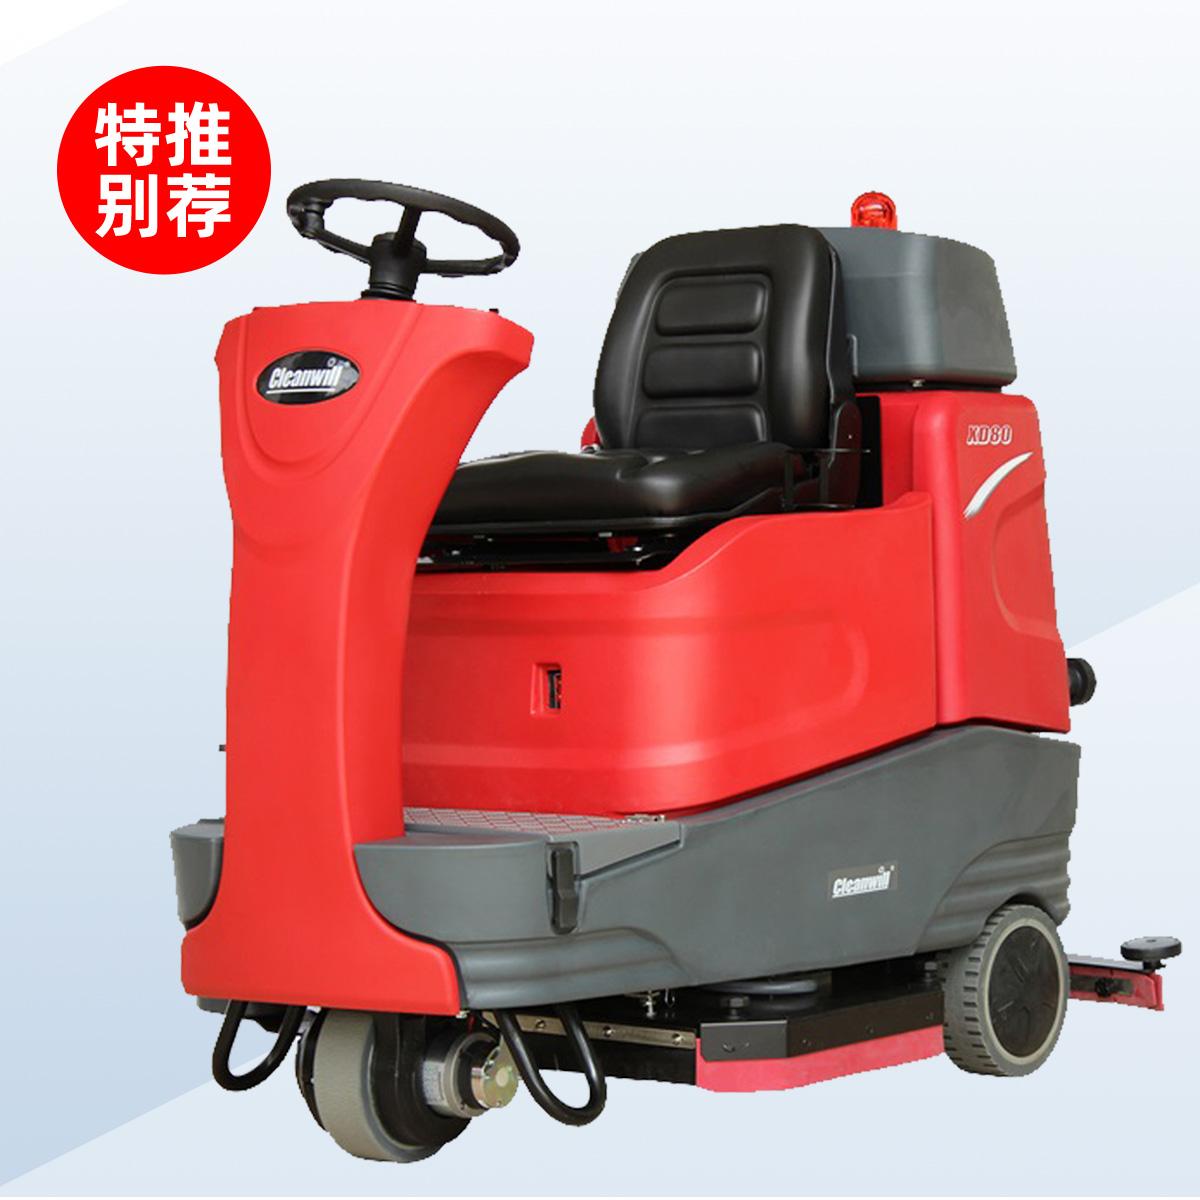 克力威XD80双刷驾驶式洗地机